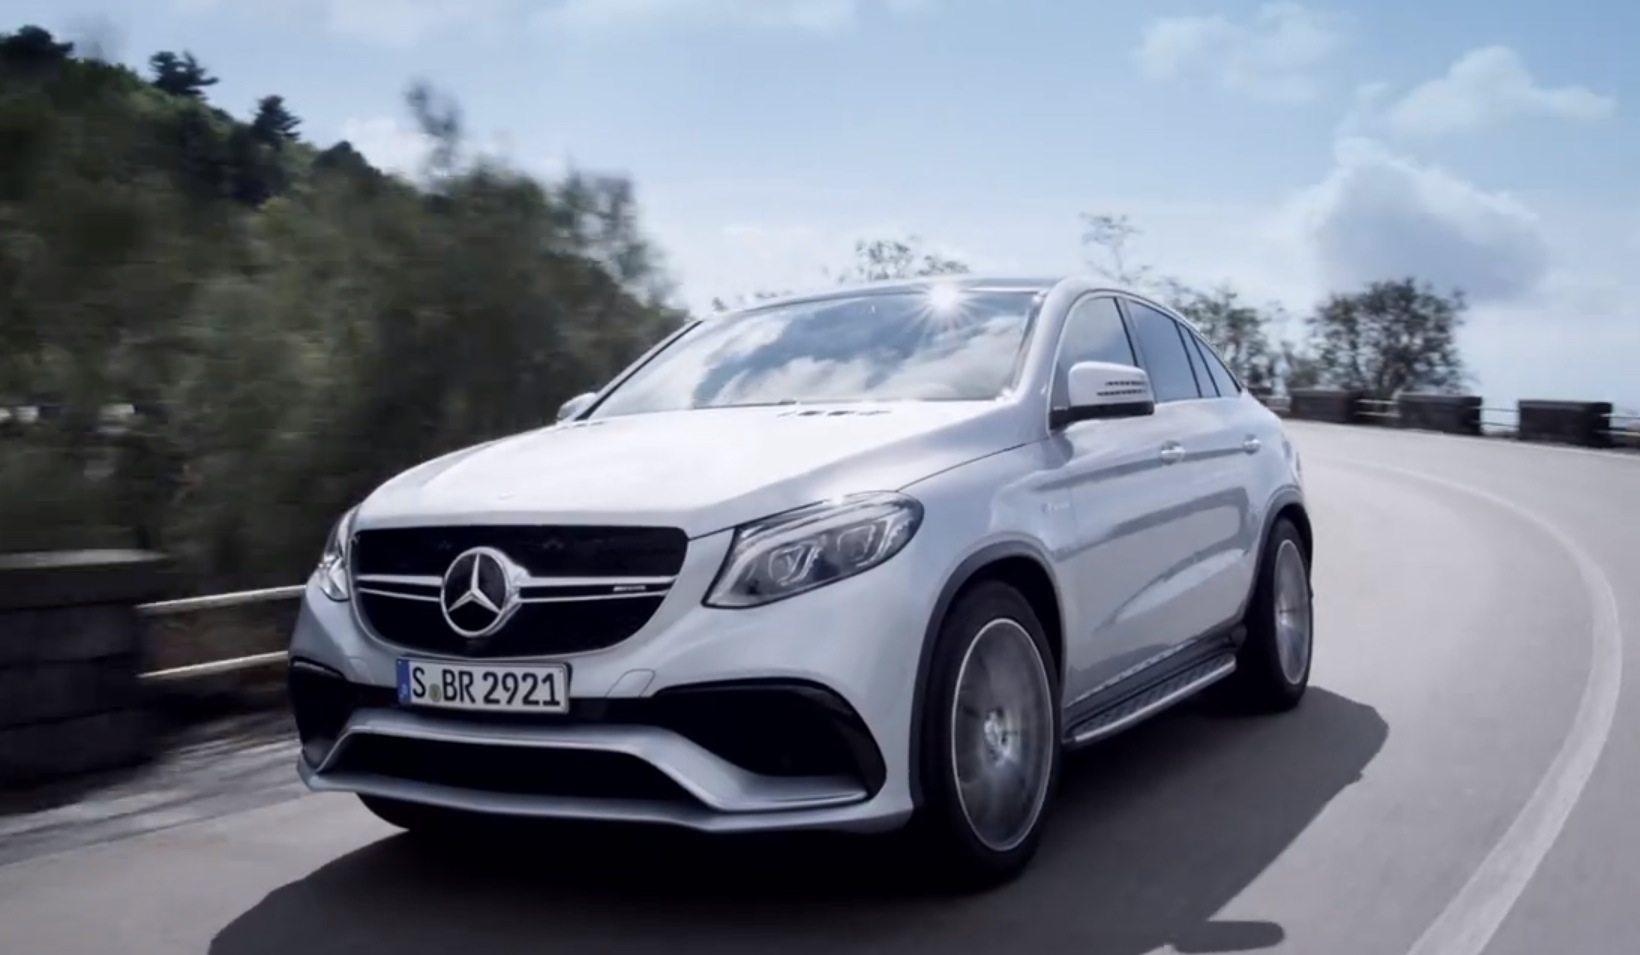 Mercedes-Benz GLE 63 AMG Coupé